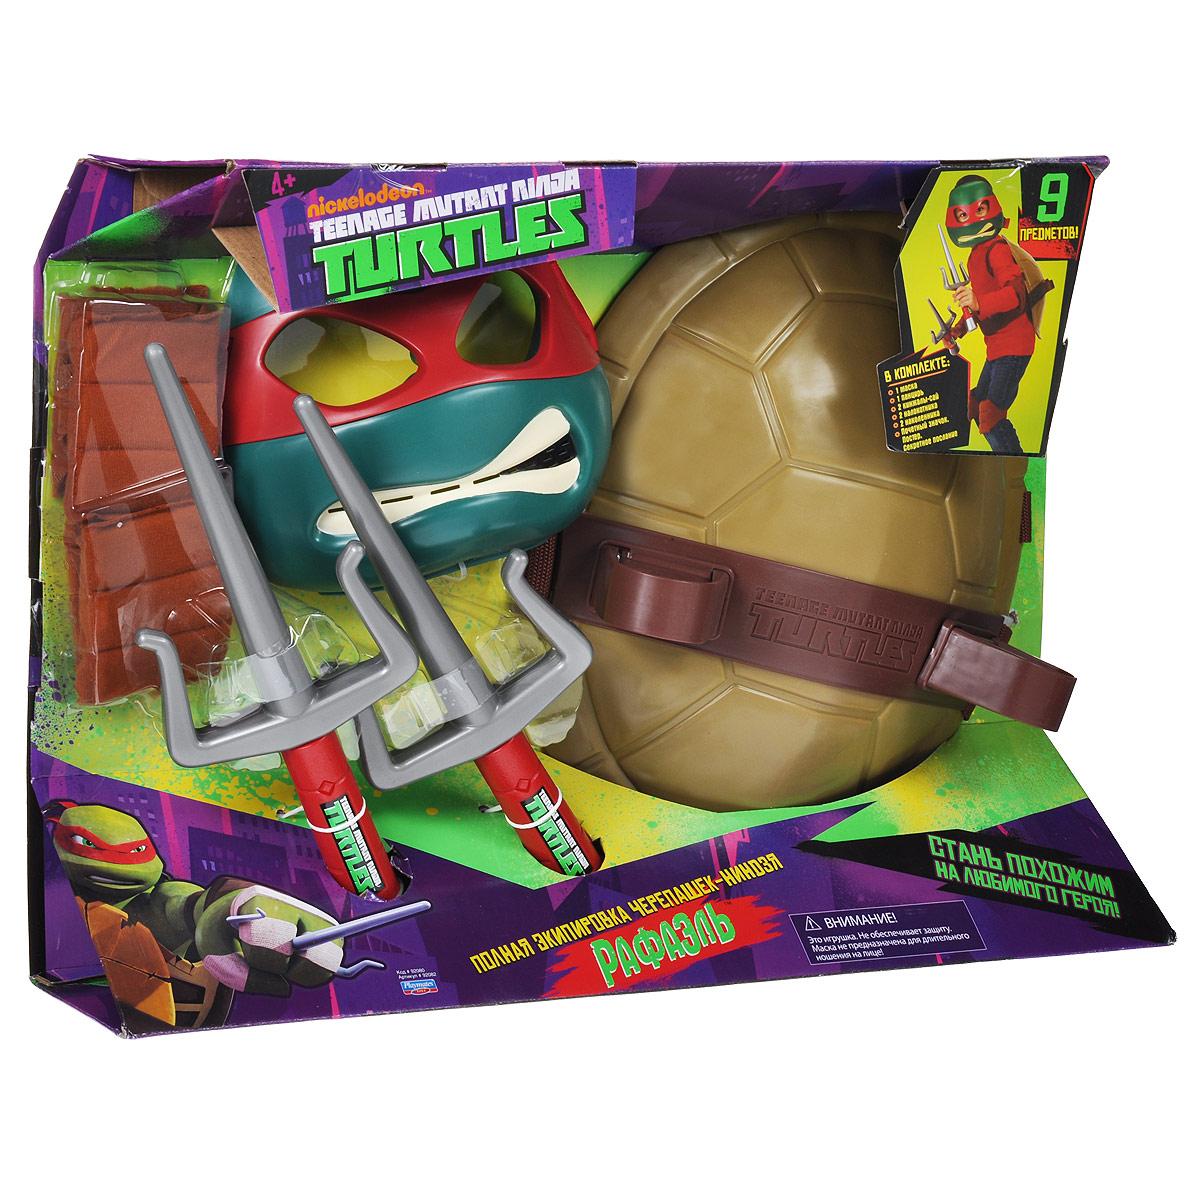 Игровой набор Turtles Боевое снаряжение Черепашки-Ниндзя: Рафаэль, 11 предметов игровой набор turtles боевое снаряжение черепашки ниндзя леонардо 4 предмета